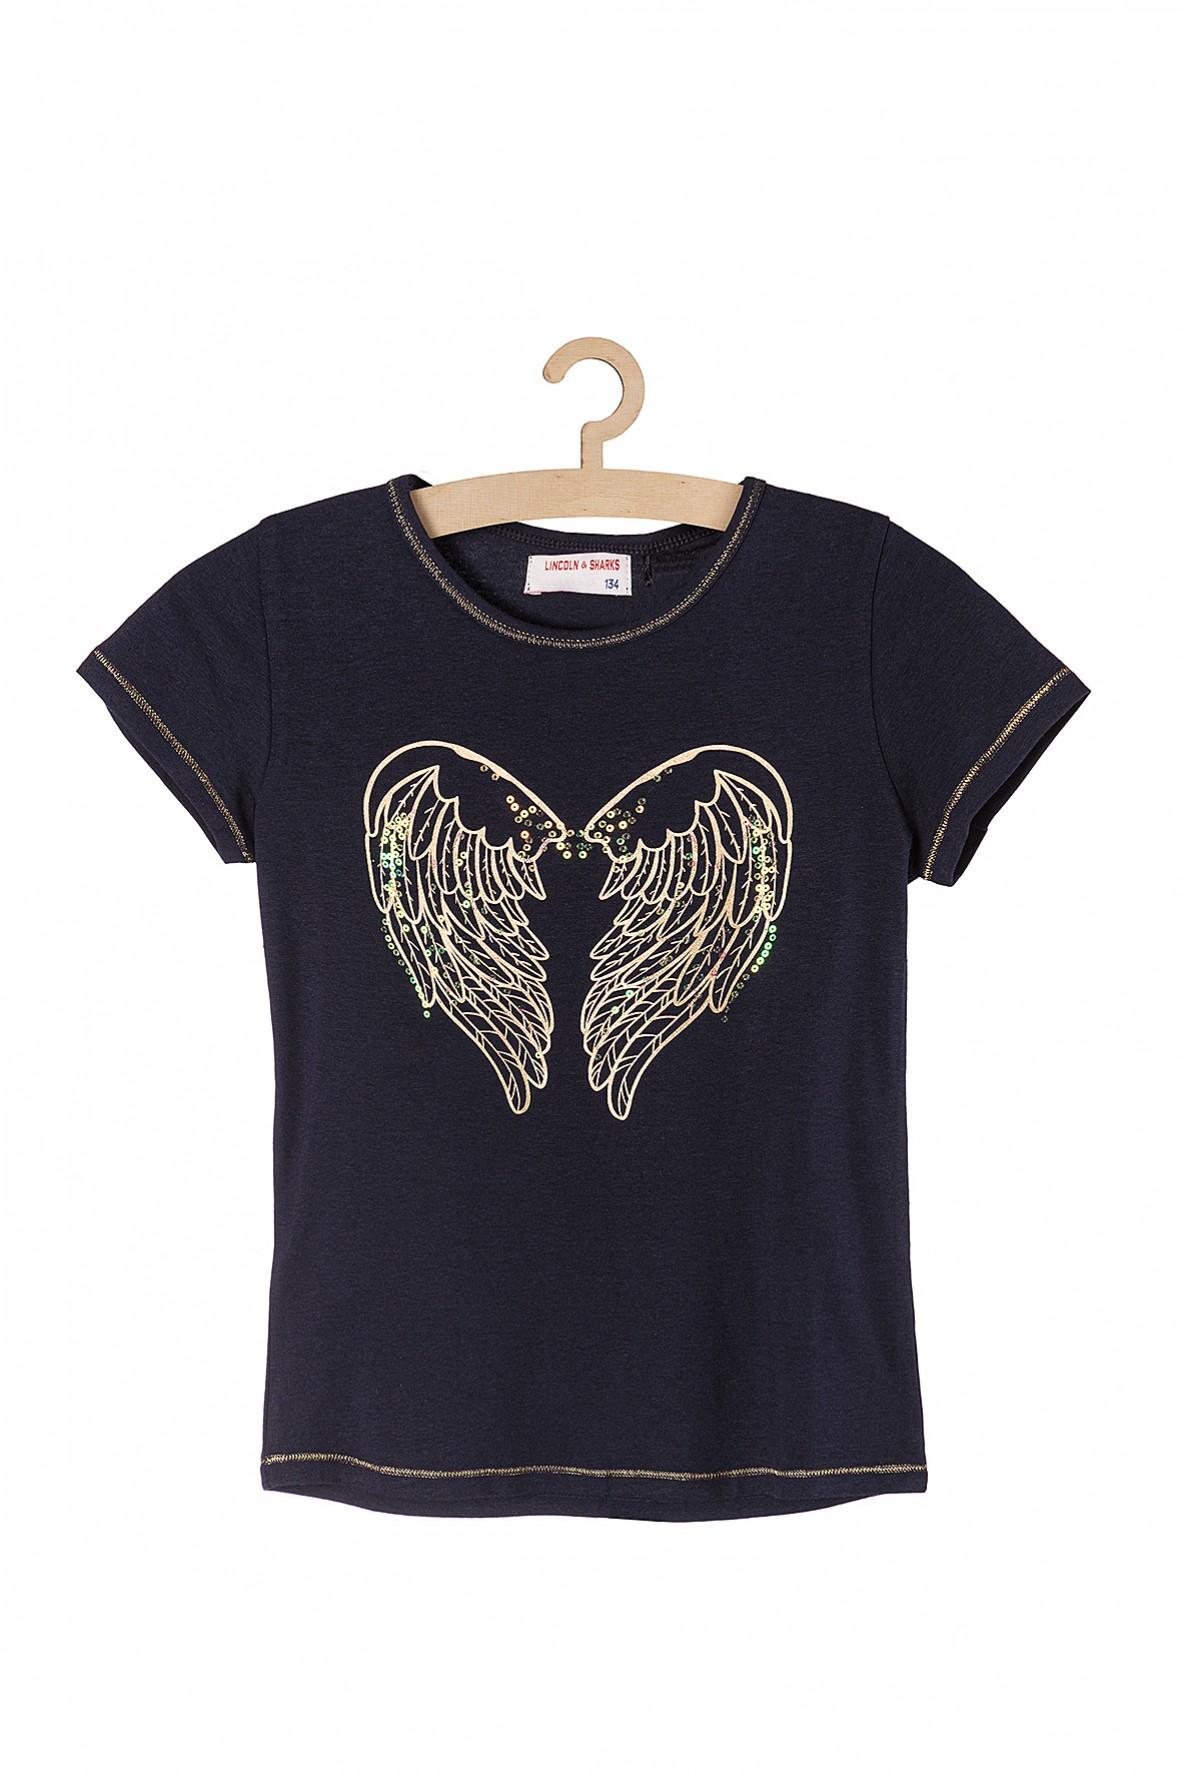 T- shirt dla dziewczynki- granatowy ze złotymi skrzydłami